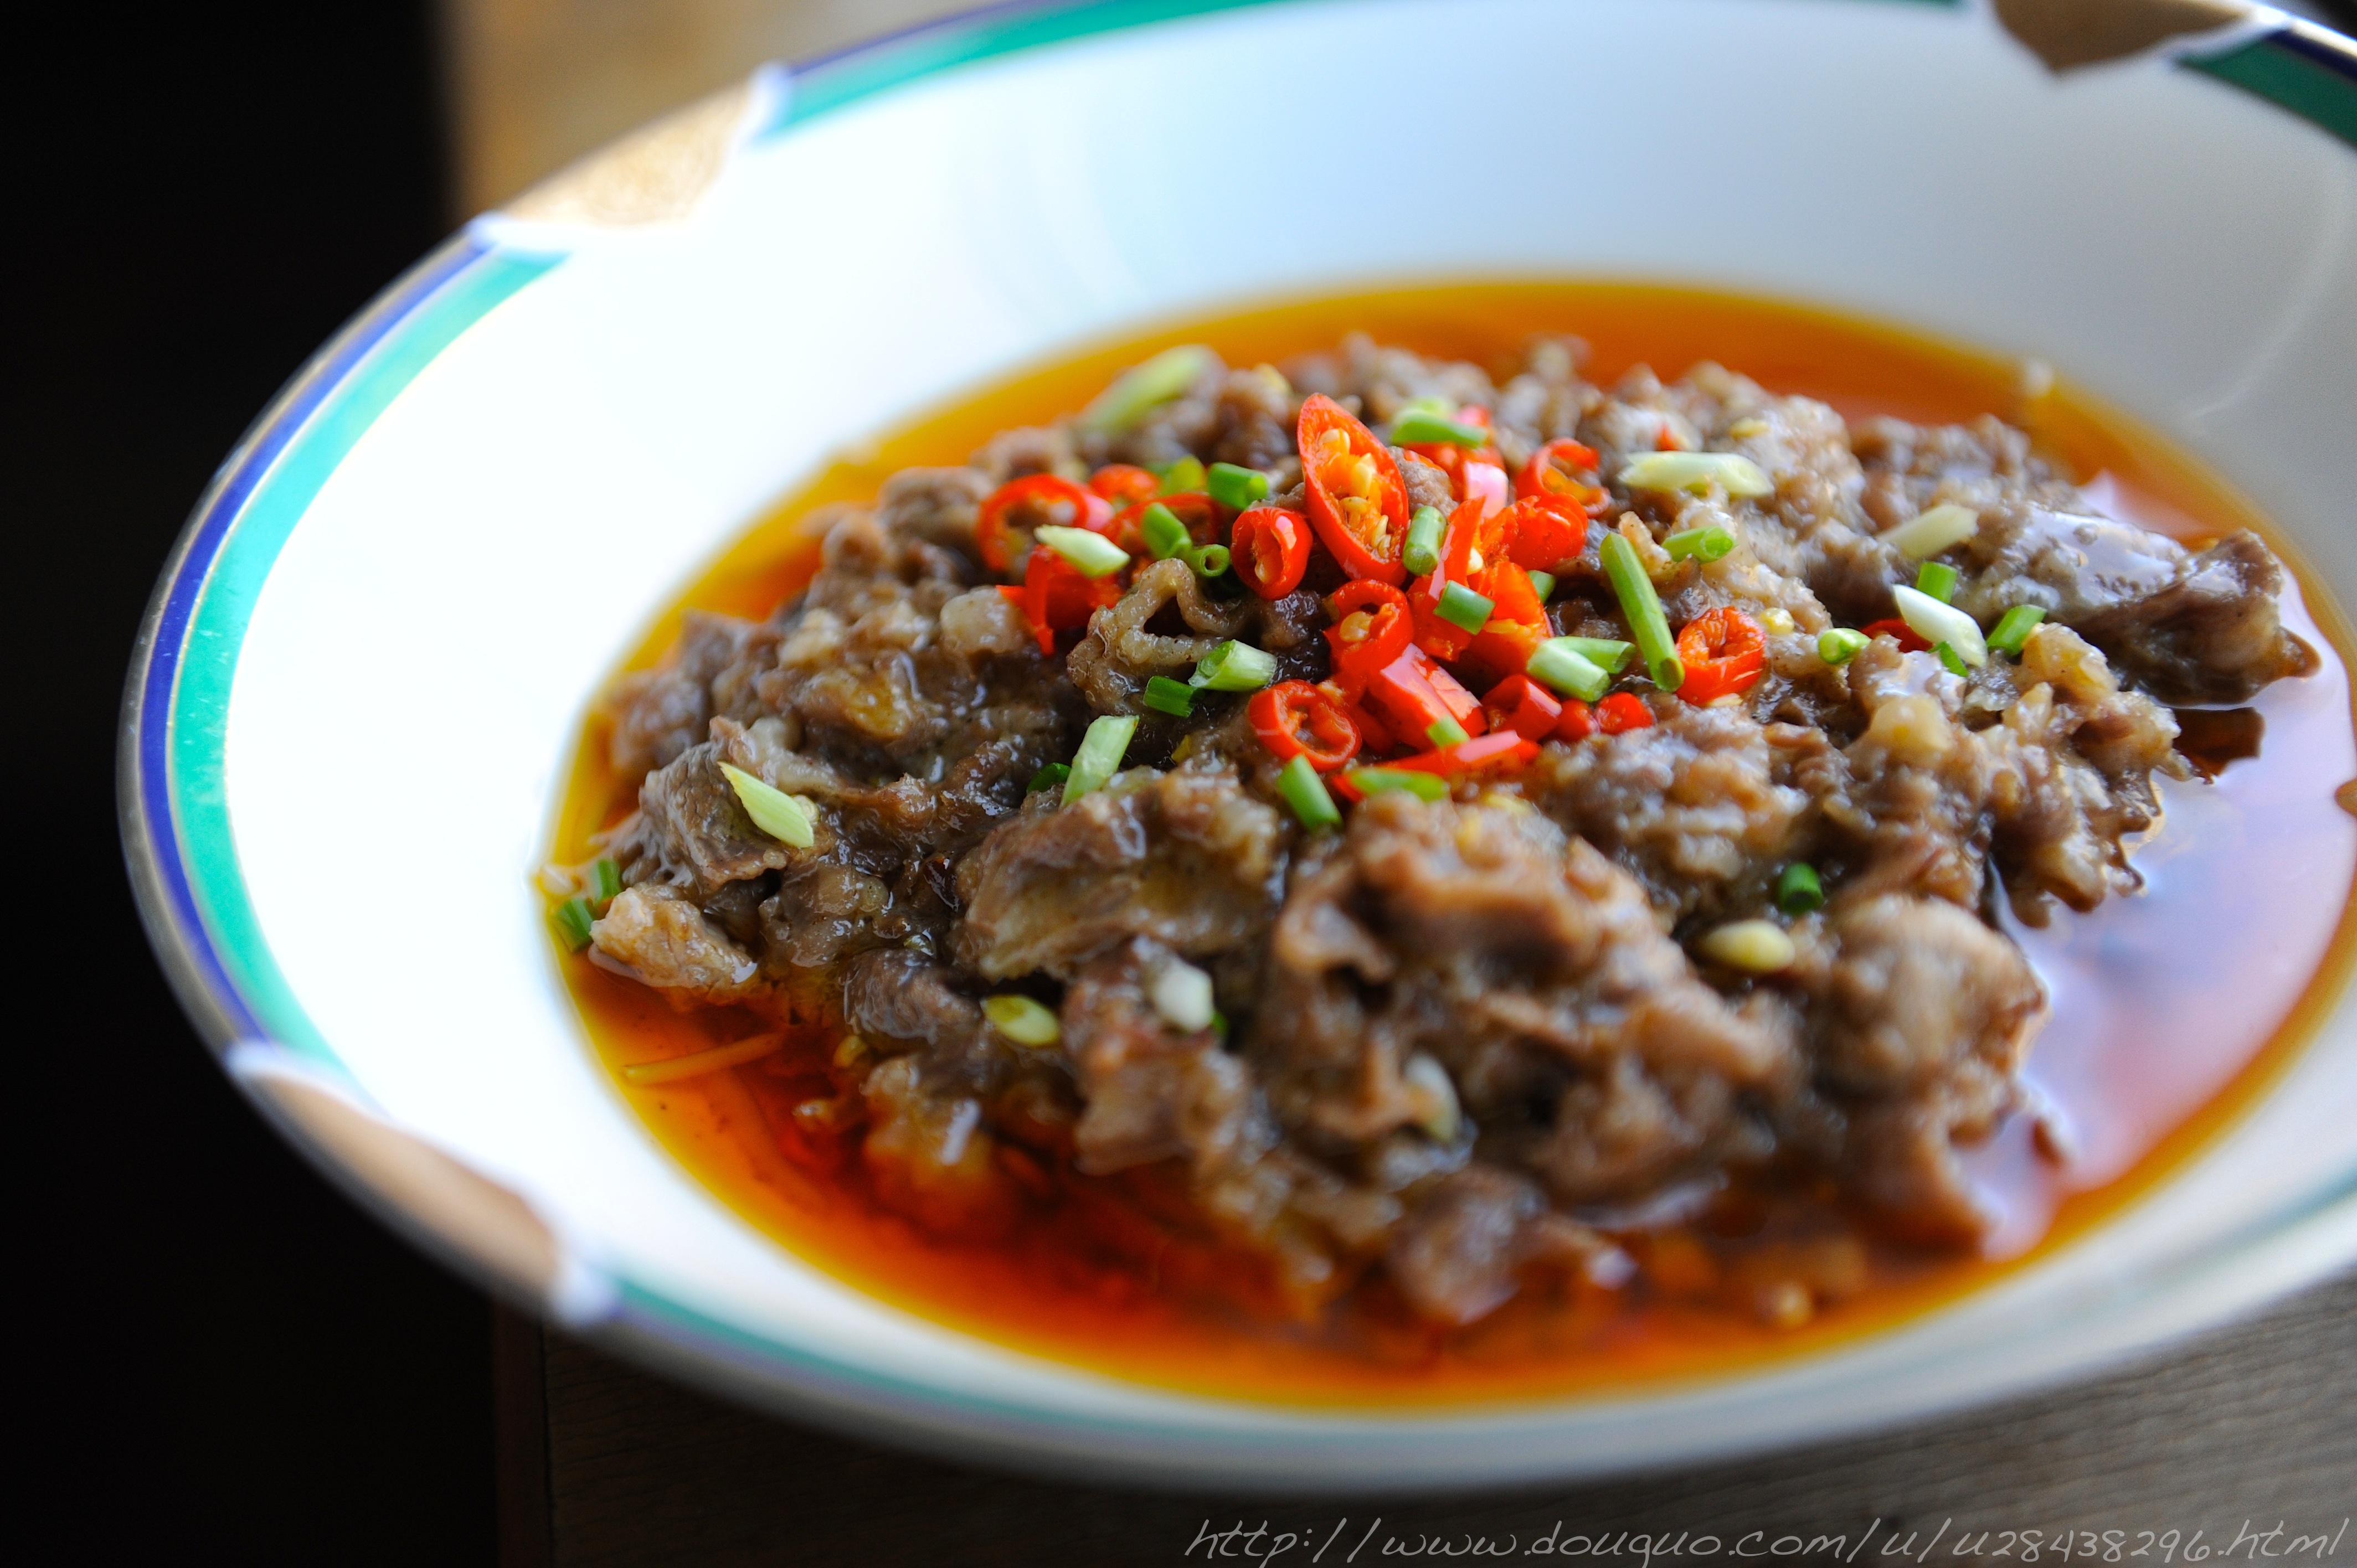 水煮菜谱的肥牛_美食_豆果毛豆猪心炒做法吃了有胀气图片